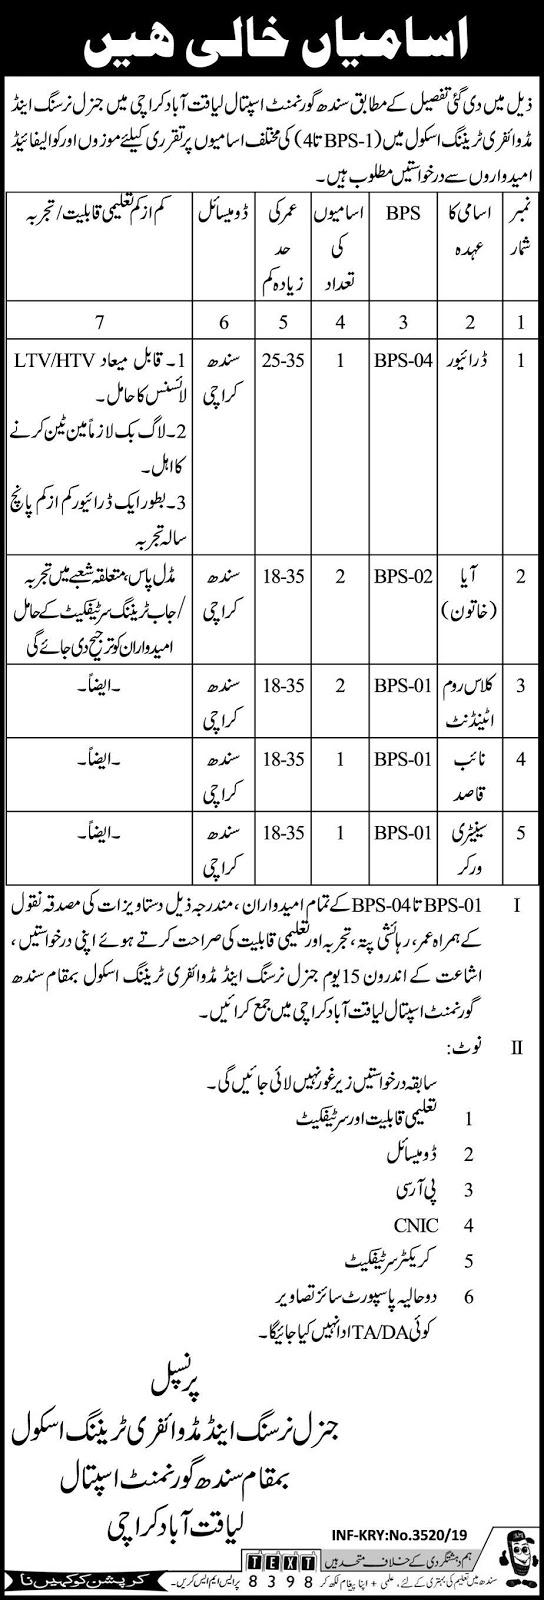 Government of Sindh Hospital Liaquat Abad, Karachi Jobs 2019